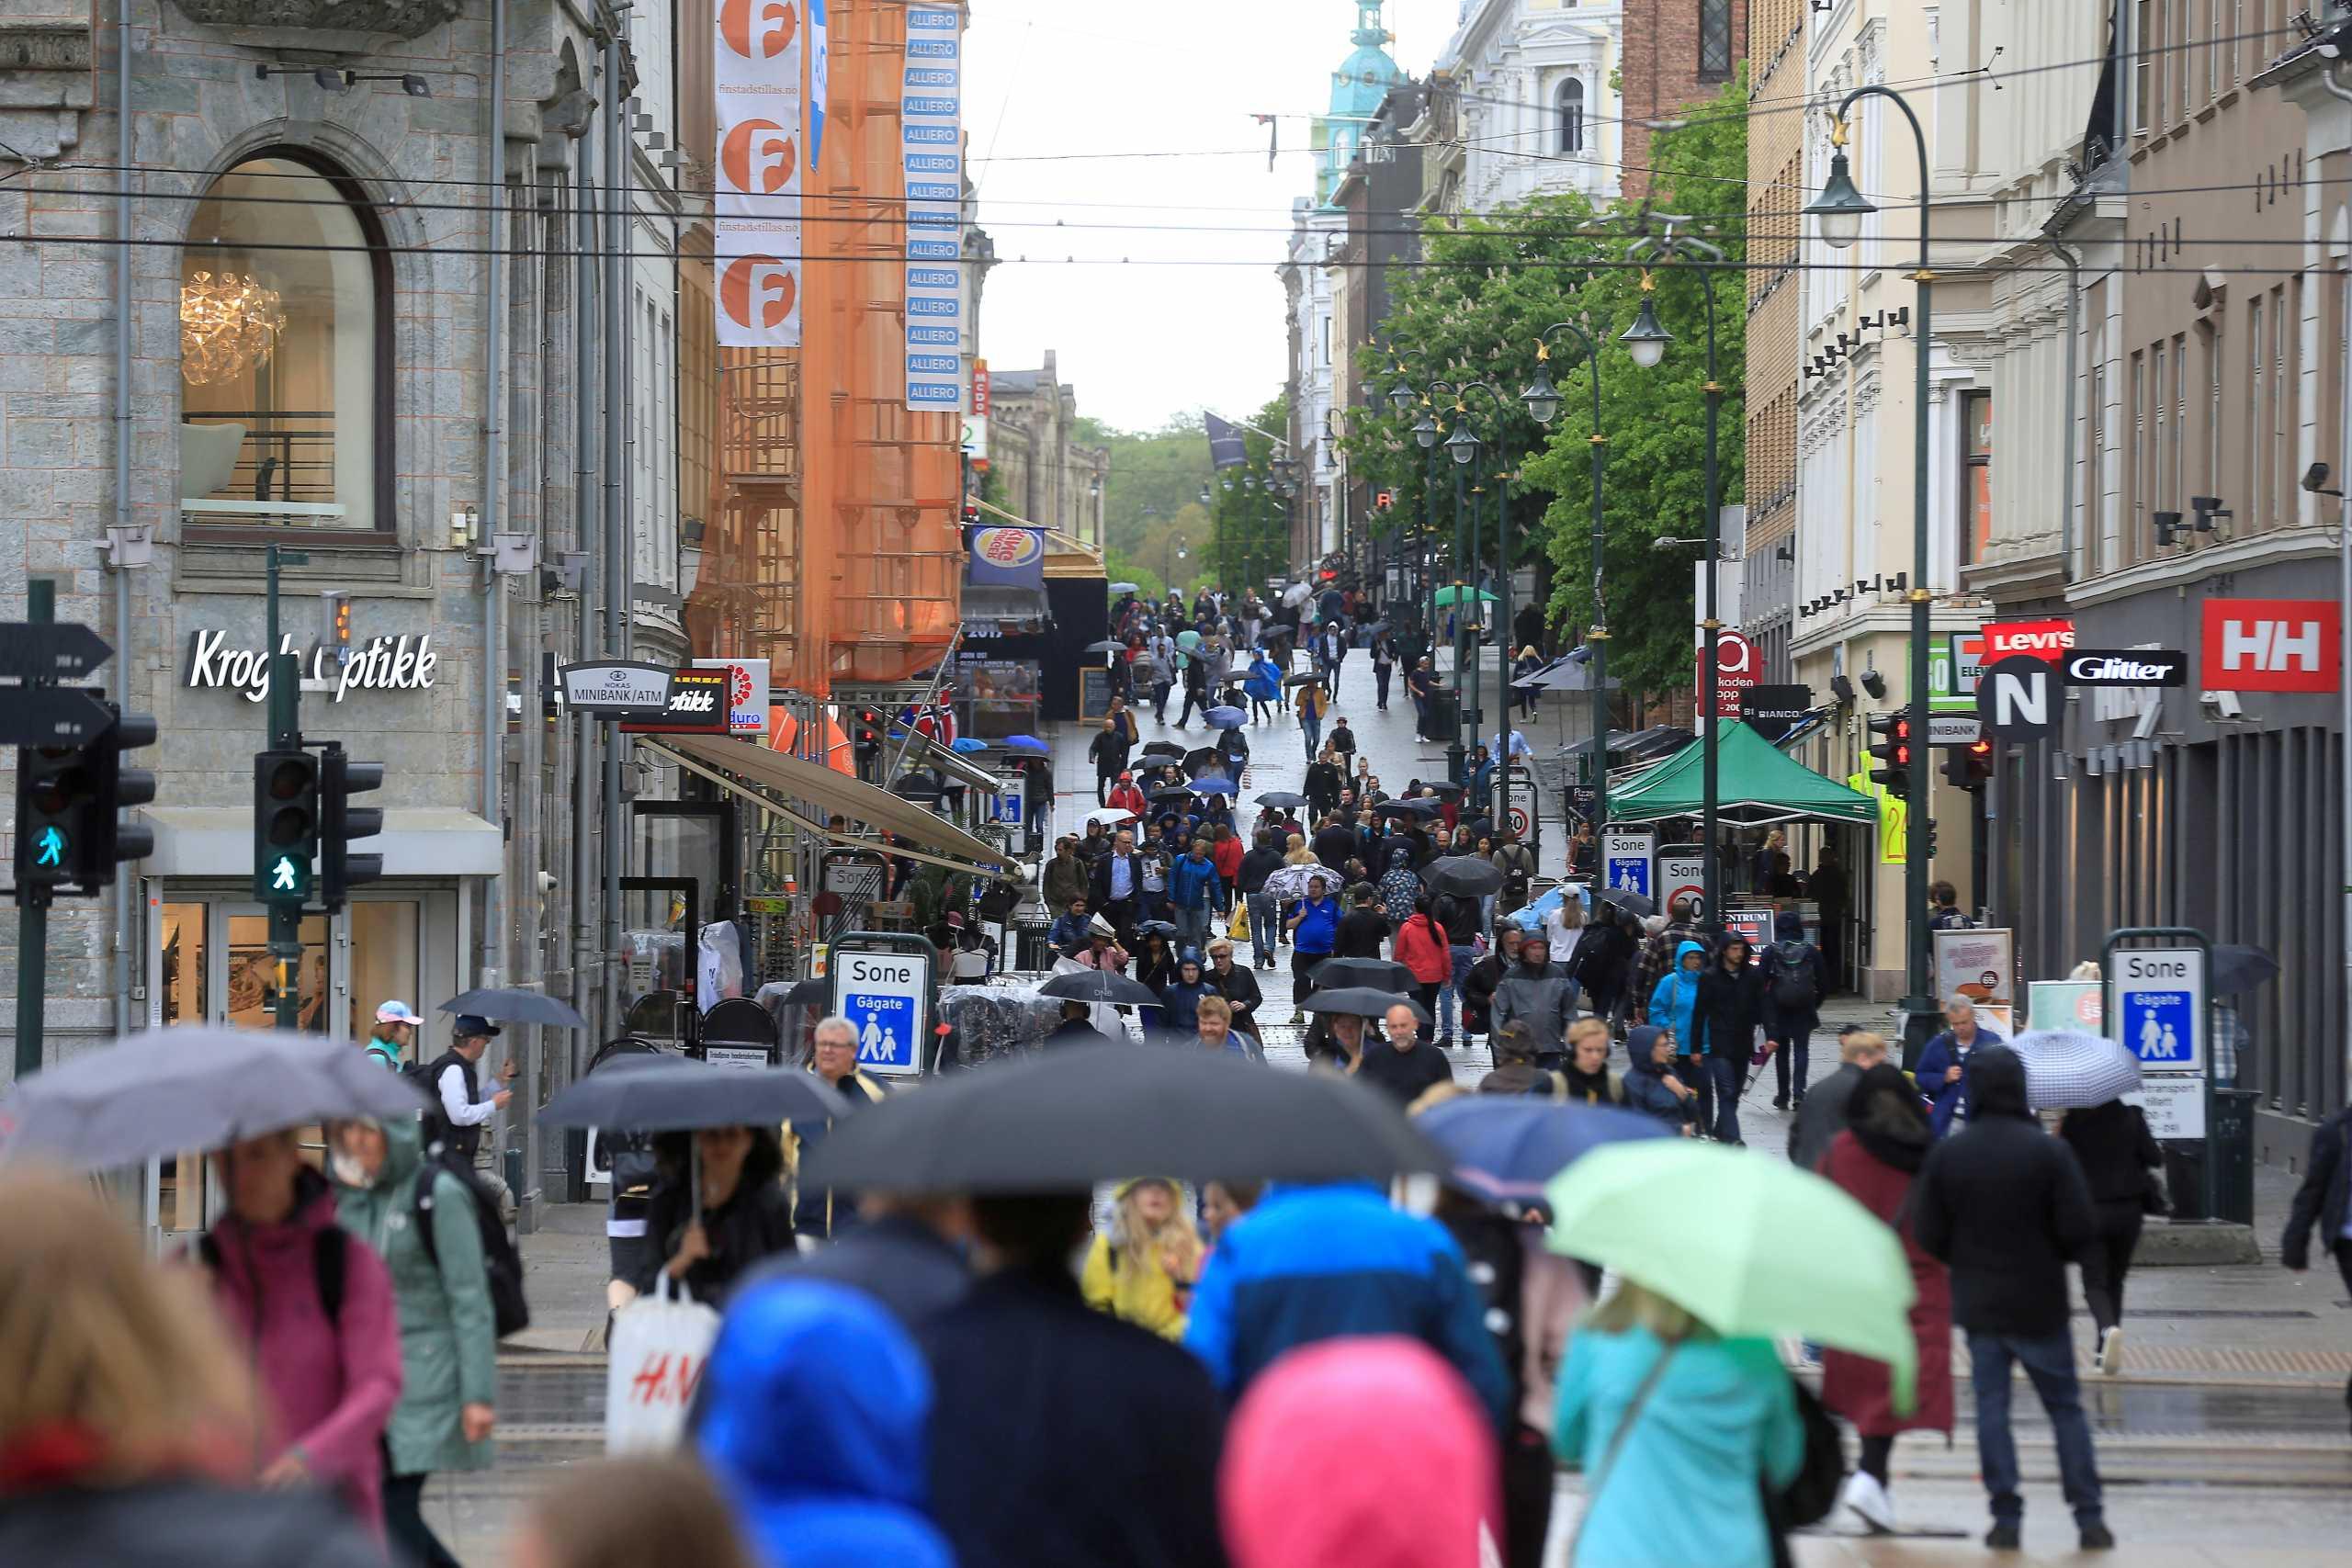 Νορβηγία – κορονοϊός: Επιστροφή στην κανονικότητα από το Σάββατο 25/09